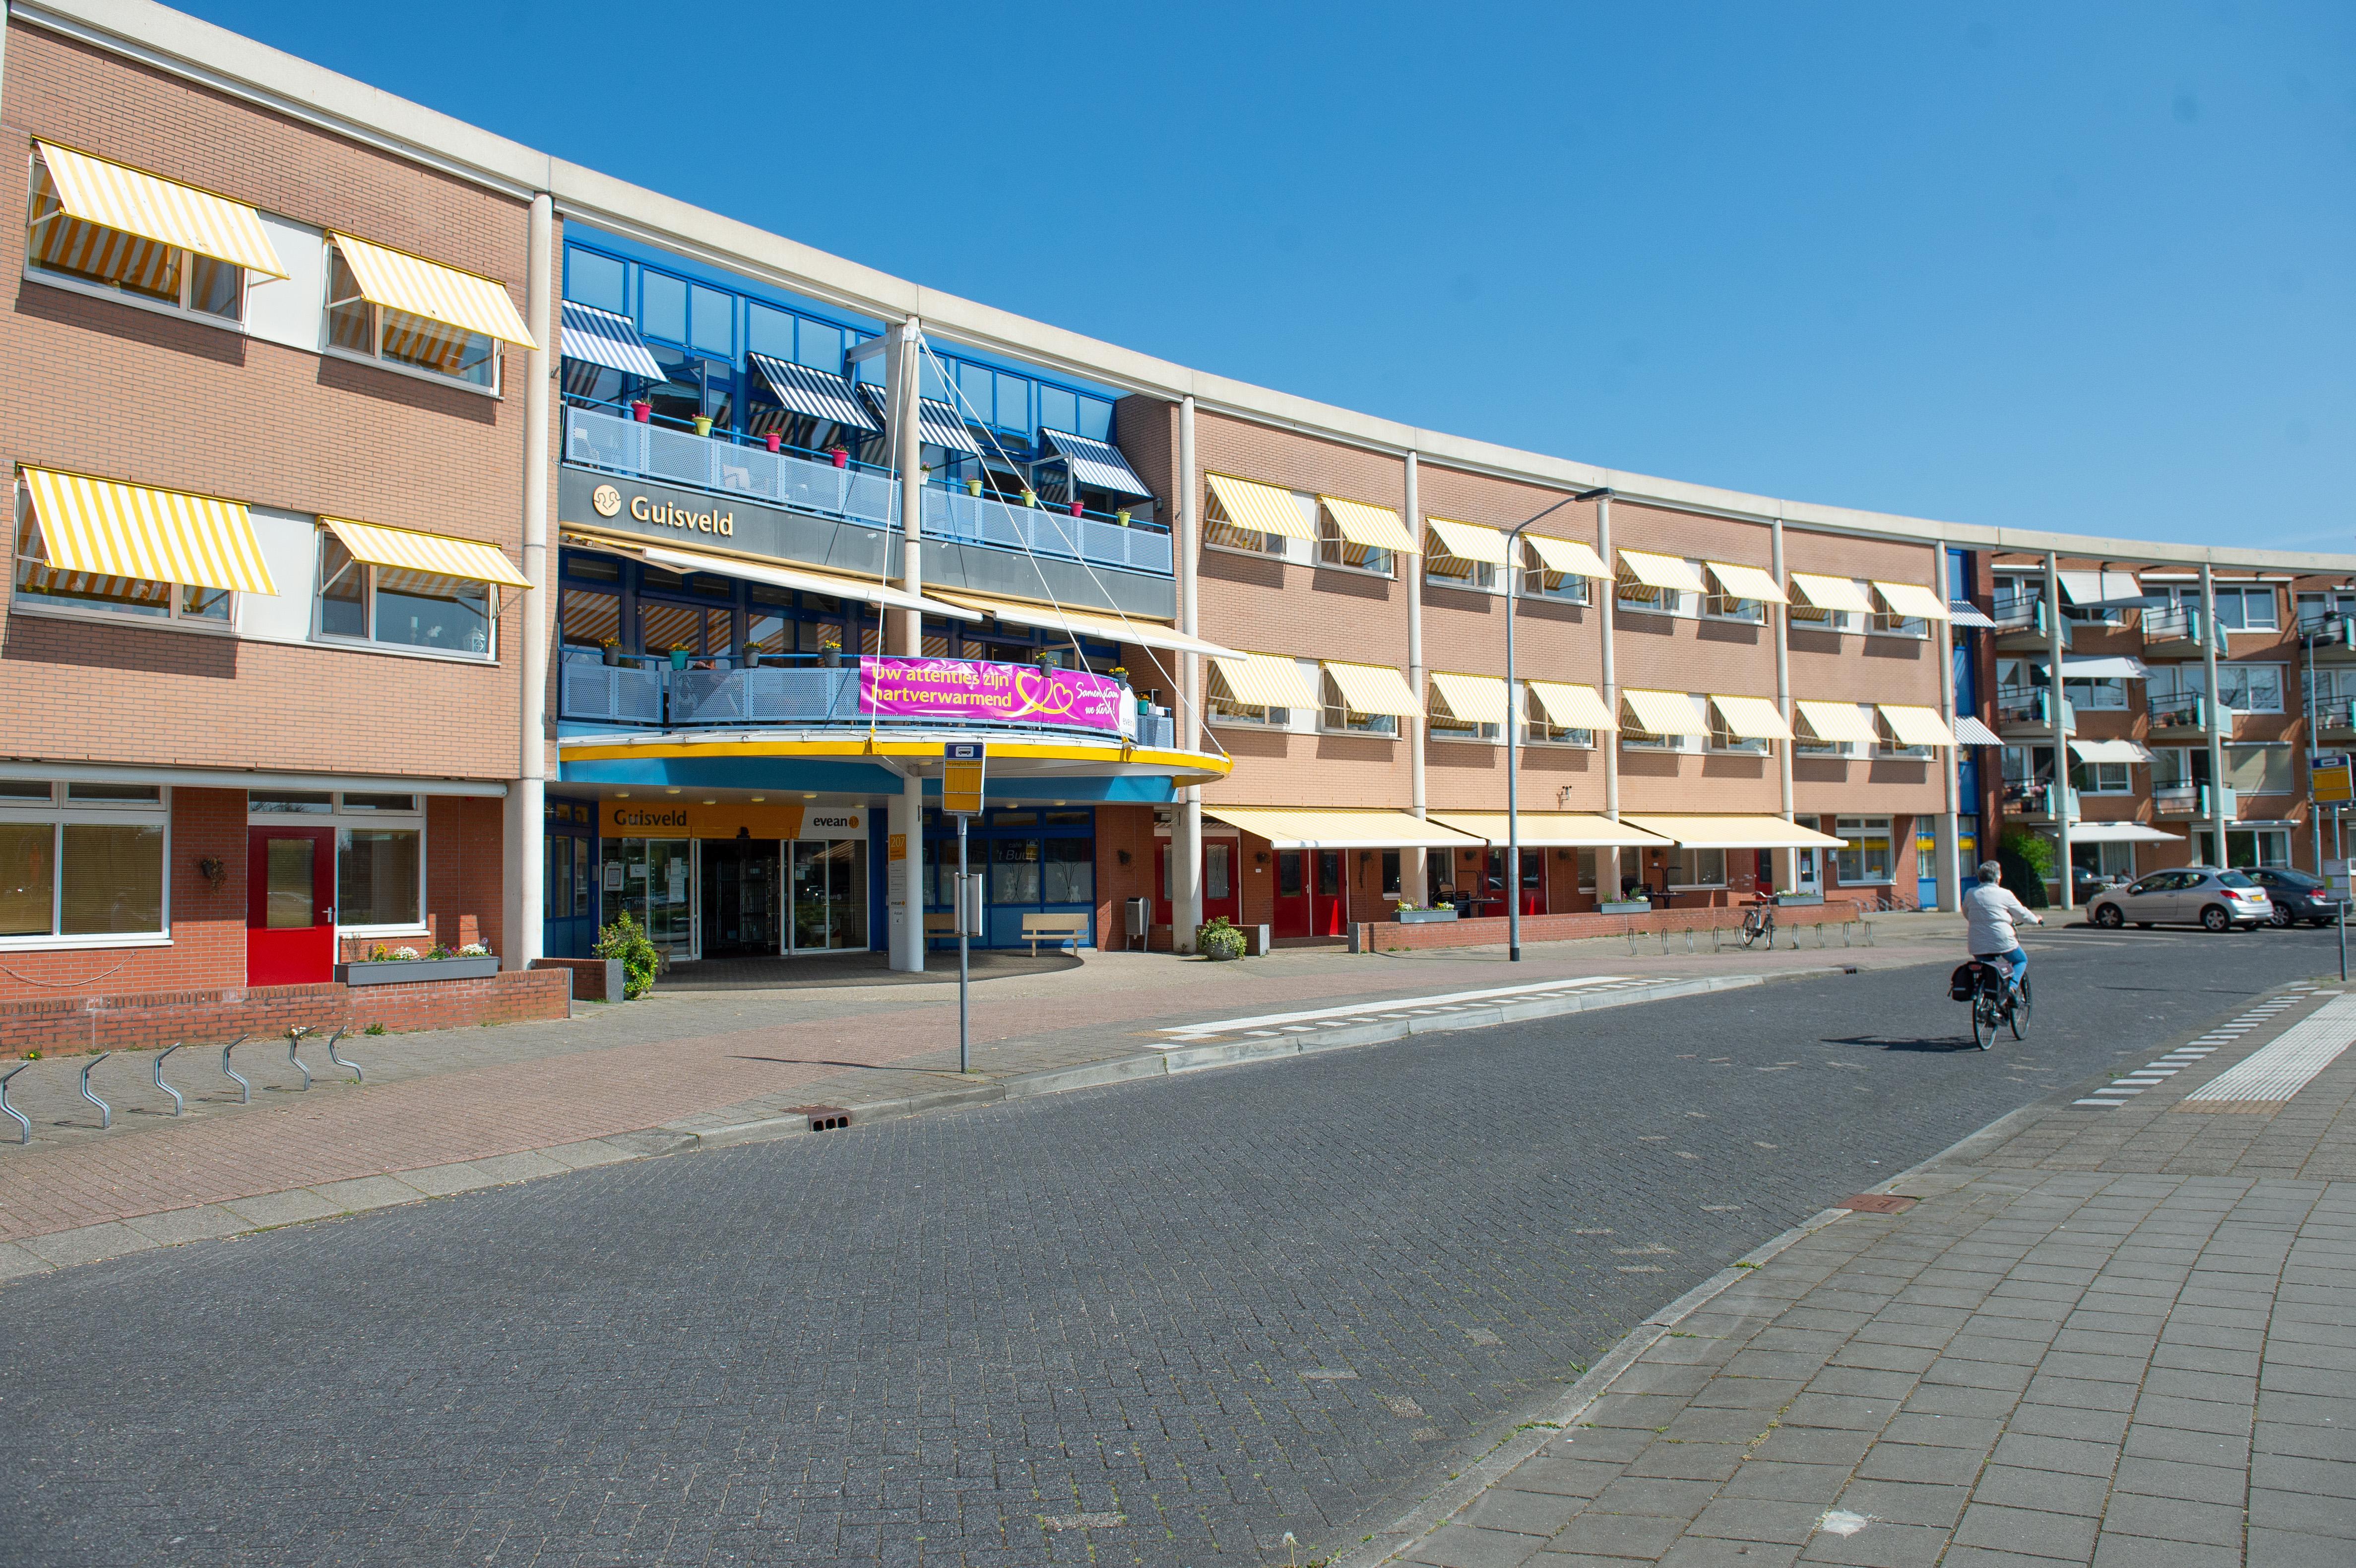 Defensie helpt verpleeghuis Guisveld in Zaandijk; besmetting met virus nu ook op tweede geriatrische afdeling